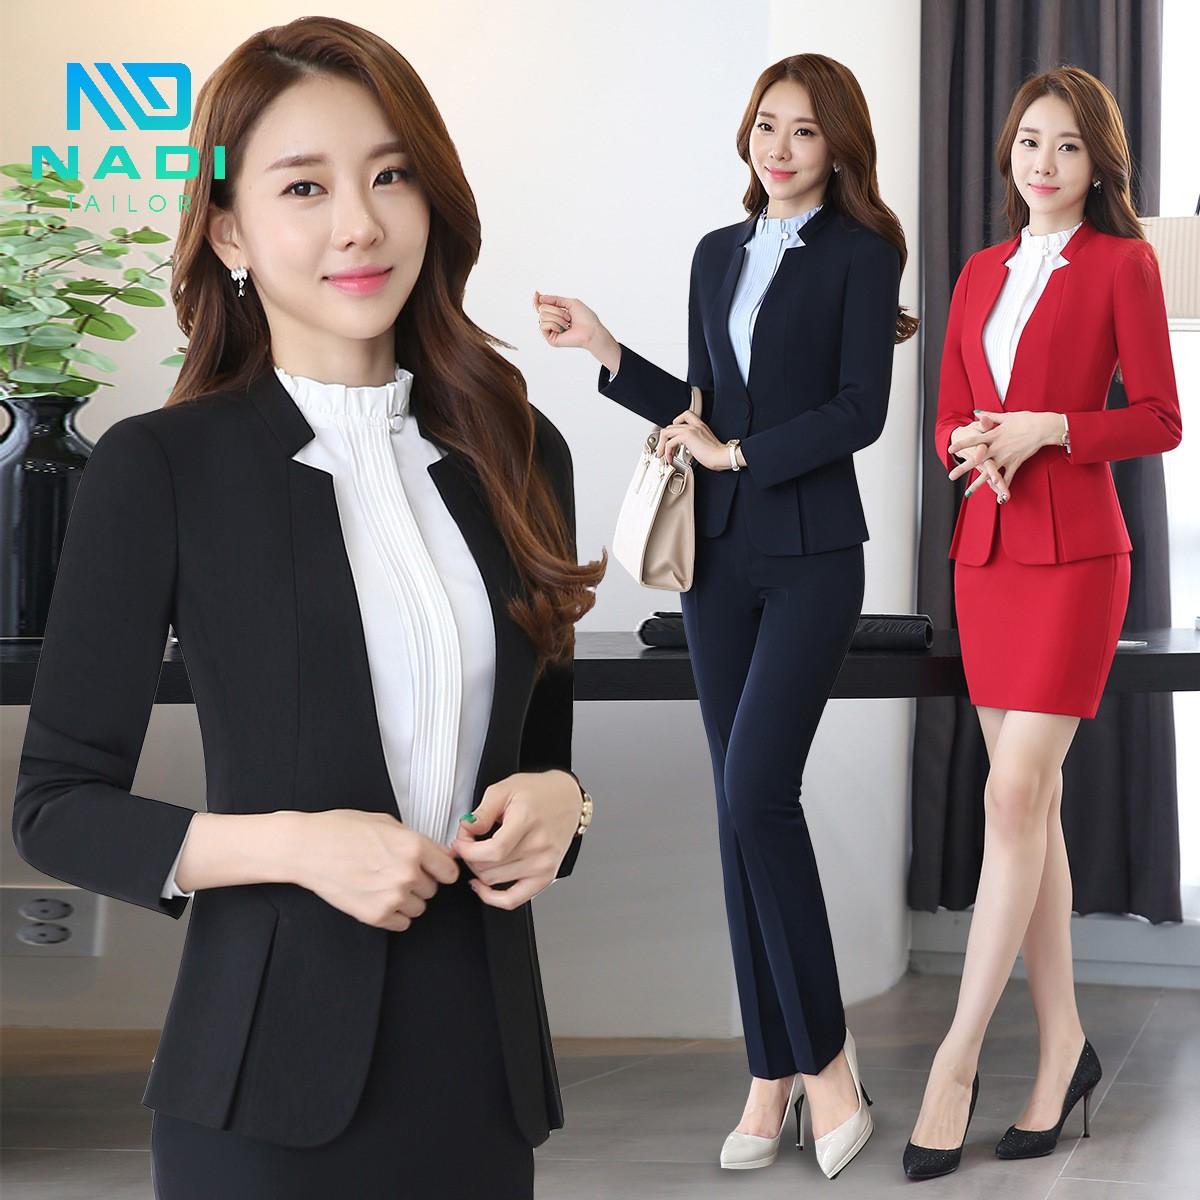 Đằm thắm, quyến rũ qua mẫu đồng phục công sở đẹp màu đen, đỏ, mặc kèm chân váy hoặc quần dài